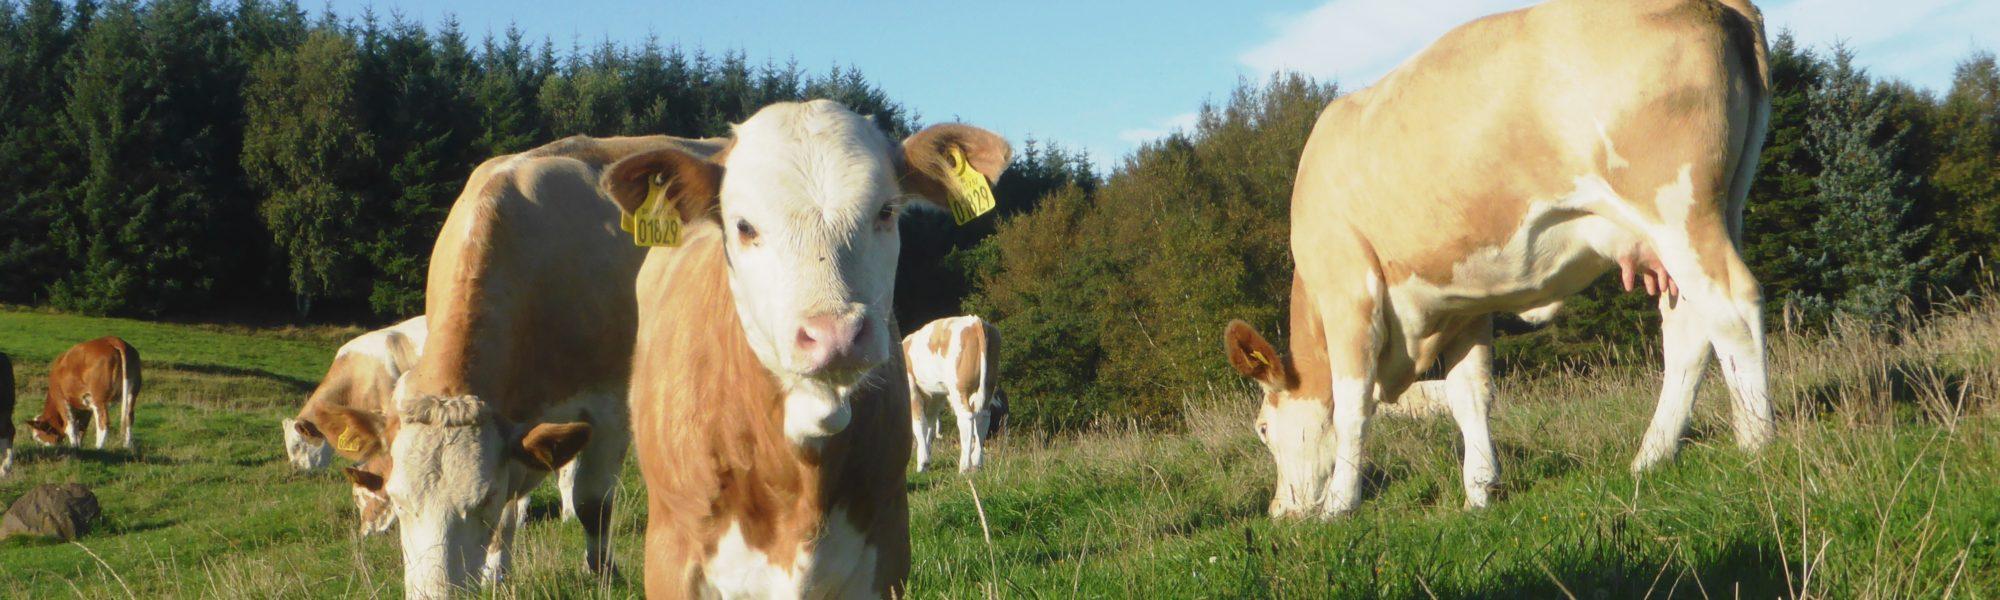 Fedal Simmental Denmark. Heterozygous Polled Heifer In Pasture. Red broken colour.